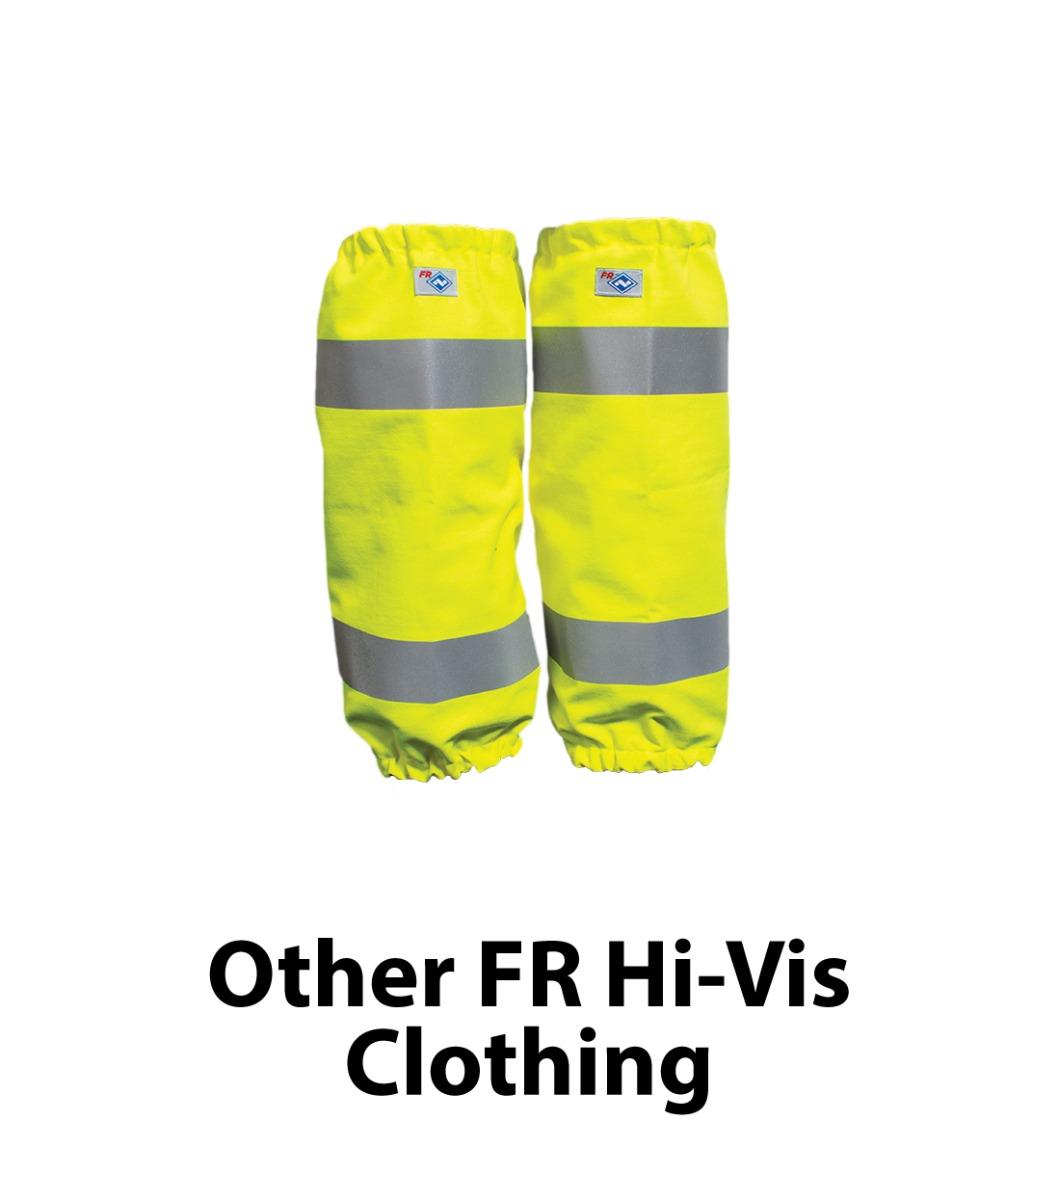 FR Hi-Vis Product Care | National Safety Apparel